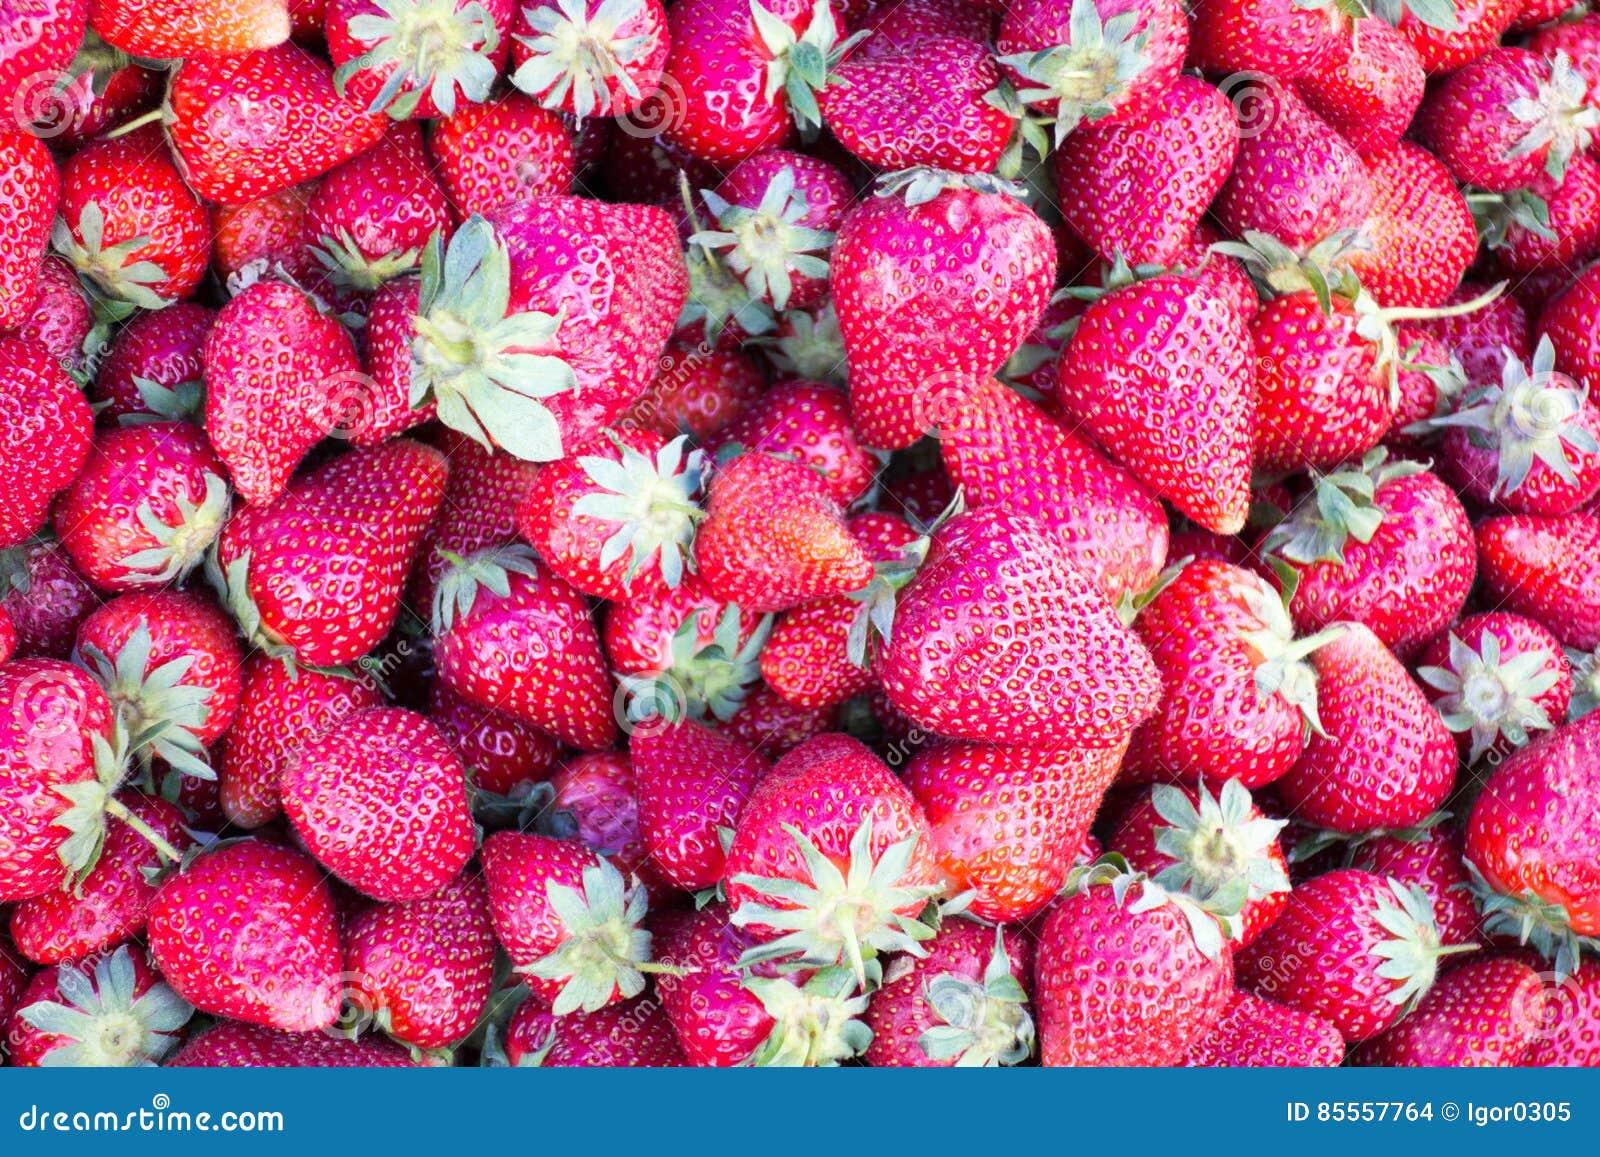 Hintergrund von saftigen Erdbeeren